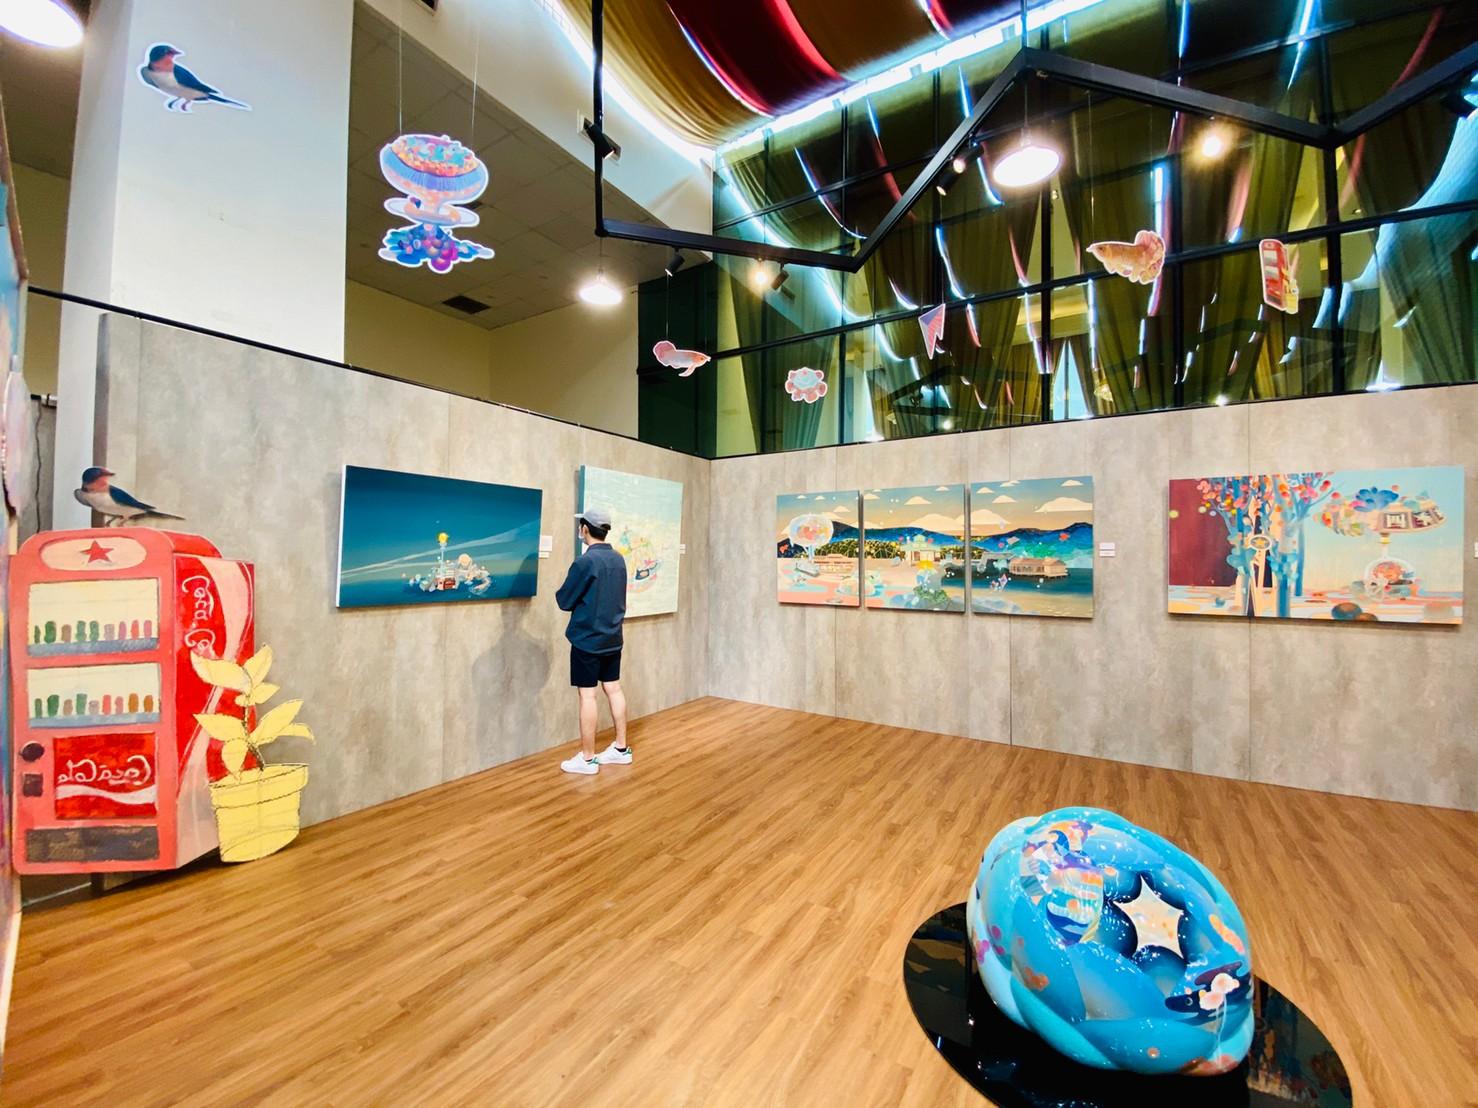 2021 新光三越這夏系列十週年開箱 【是誰切洋蔥】網羅 20 組揚名國際台灣藝術家全台巡迴展出